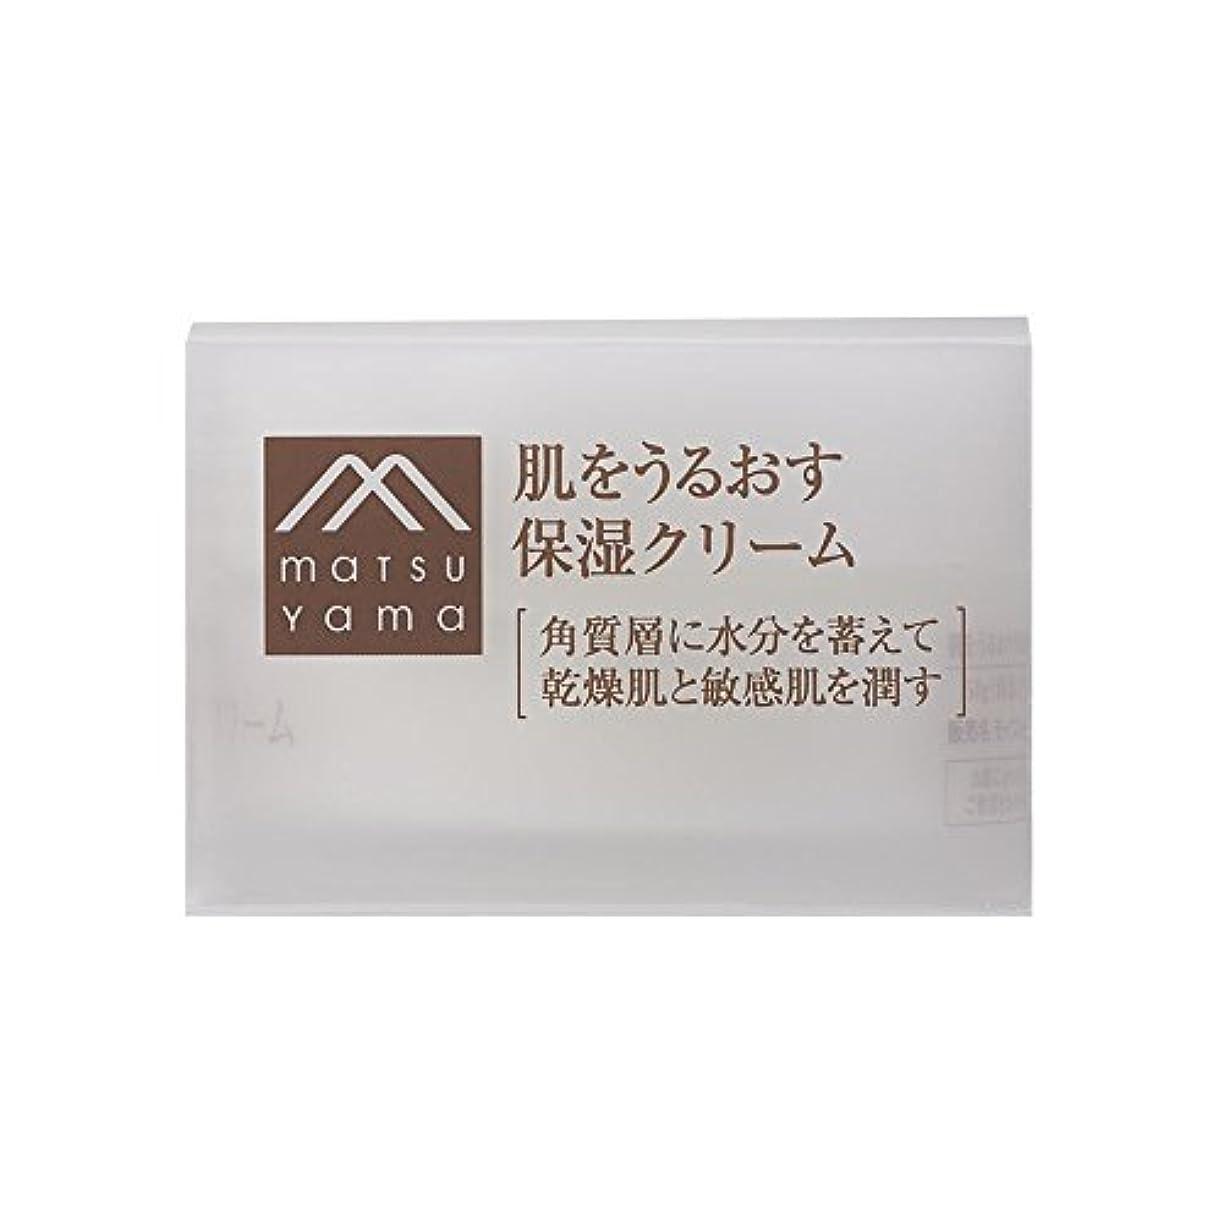 アラブ人印象的なマリナー肌をうるおす保湿クリーム(クリーム) 濃厚クリーム [乾燥肌 敏感肌]